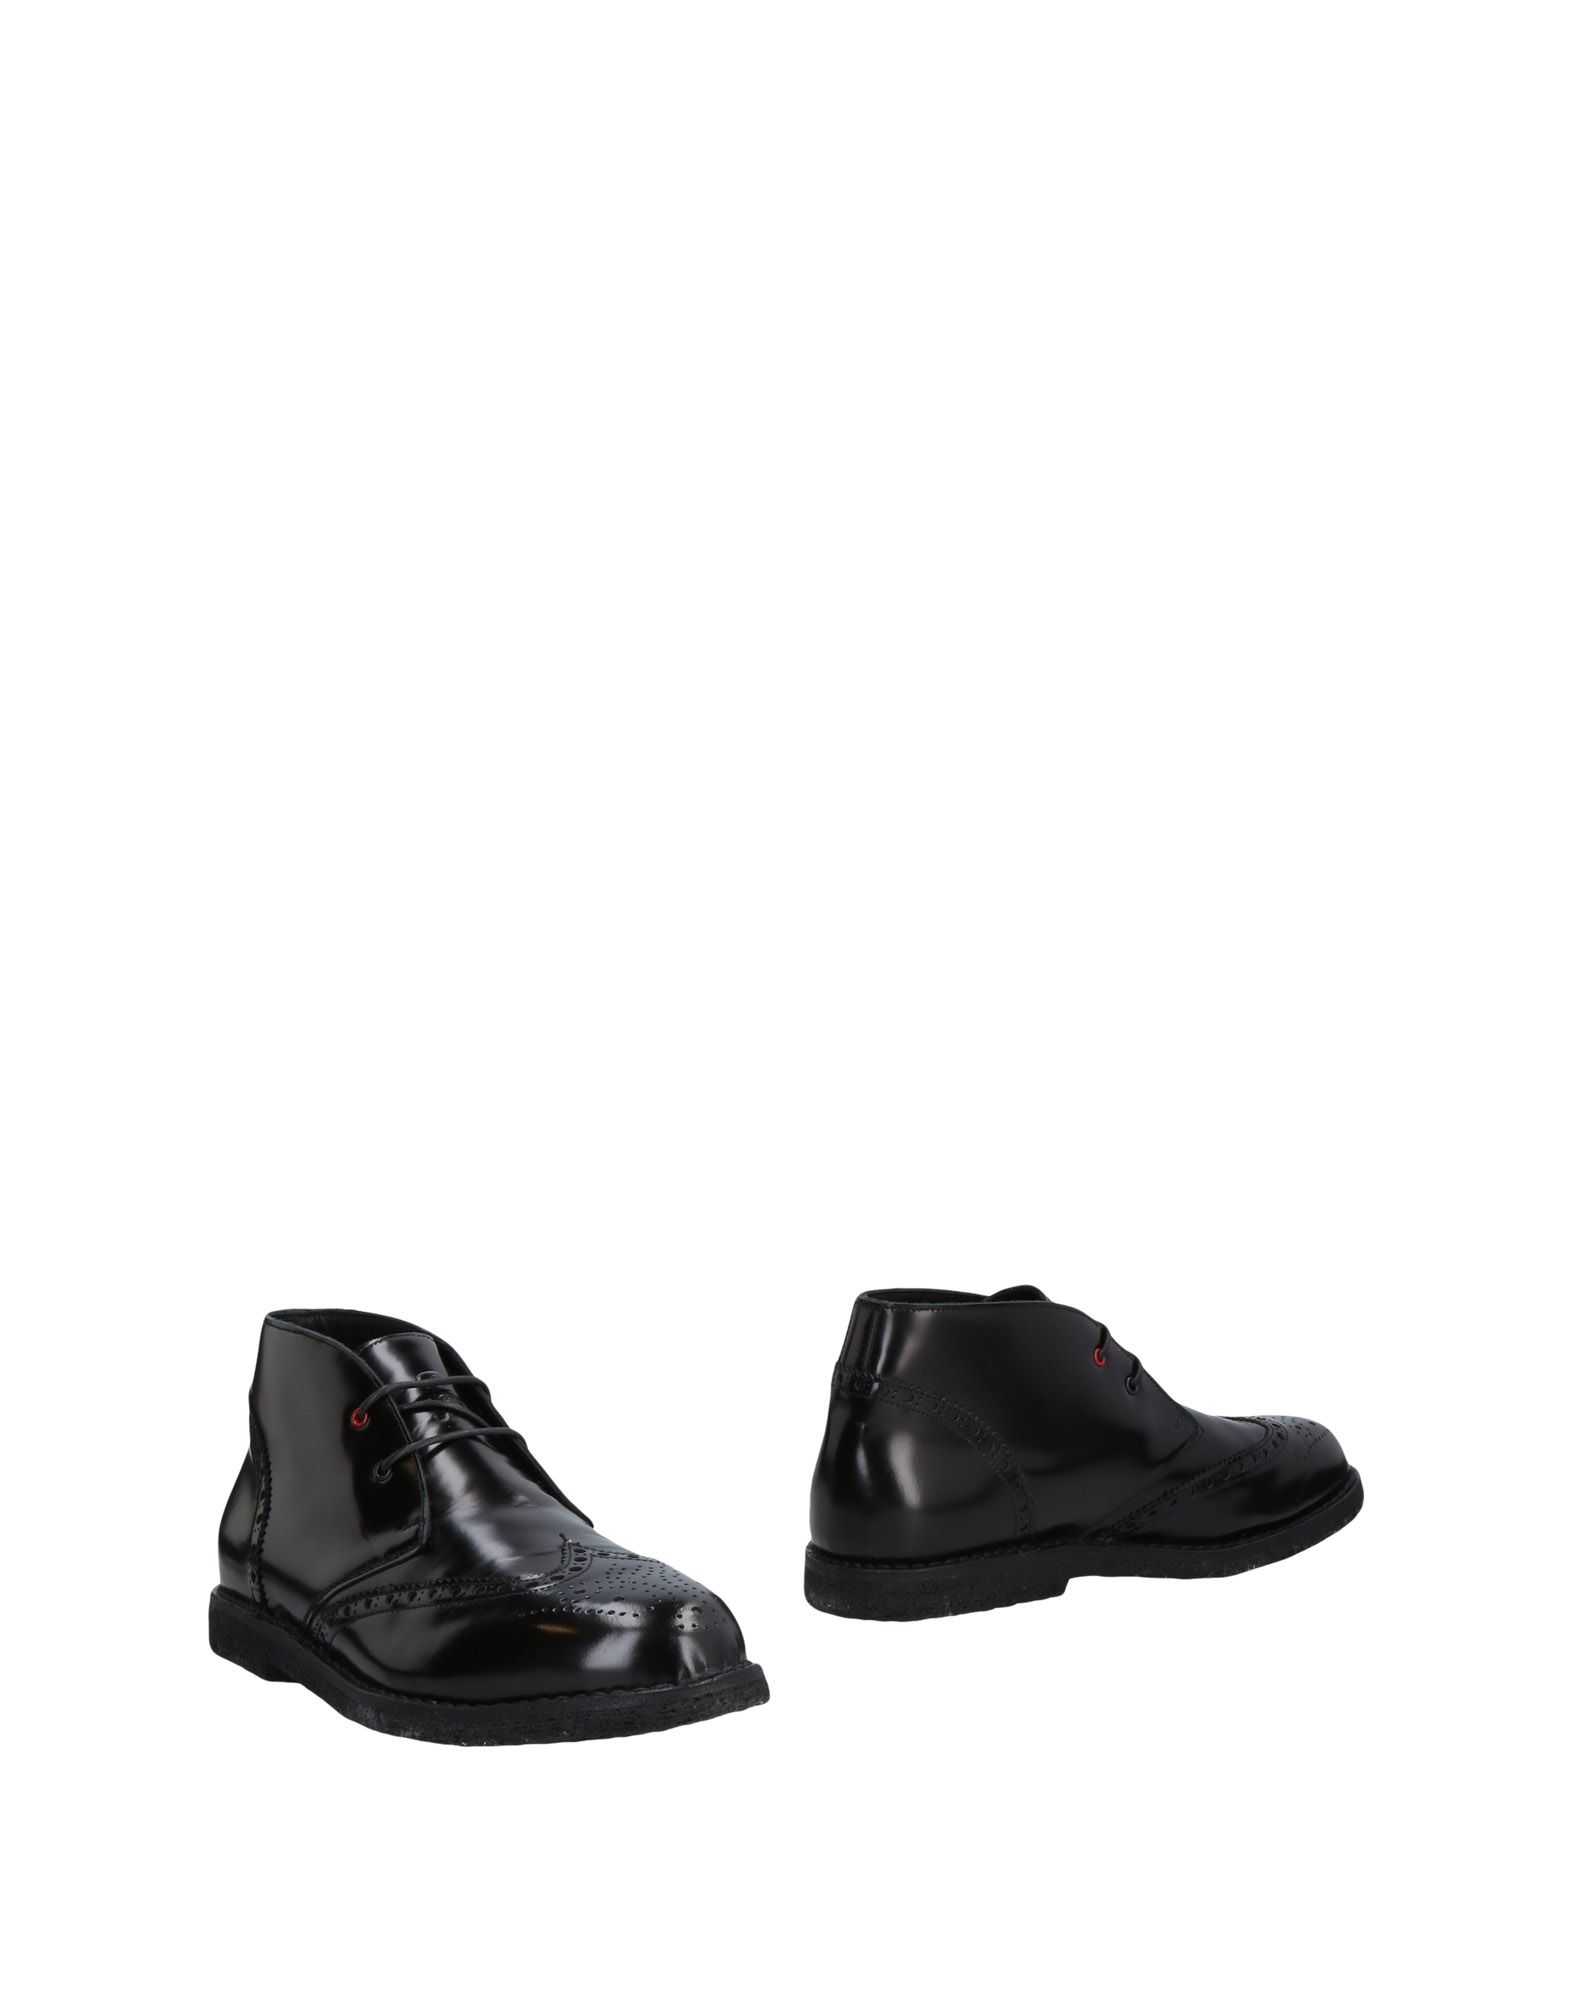 《送料無料》PASSION BLANCHE メンズ ショートブーツ ブラック 42.5 革